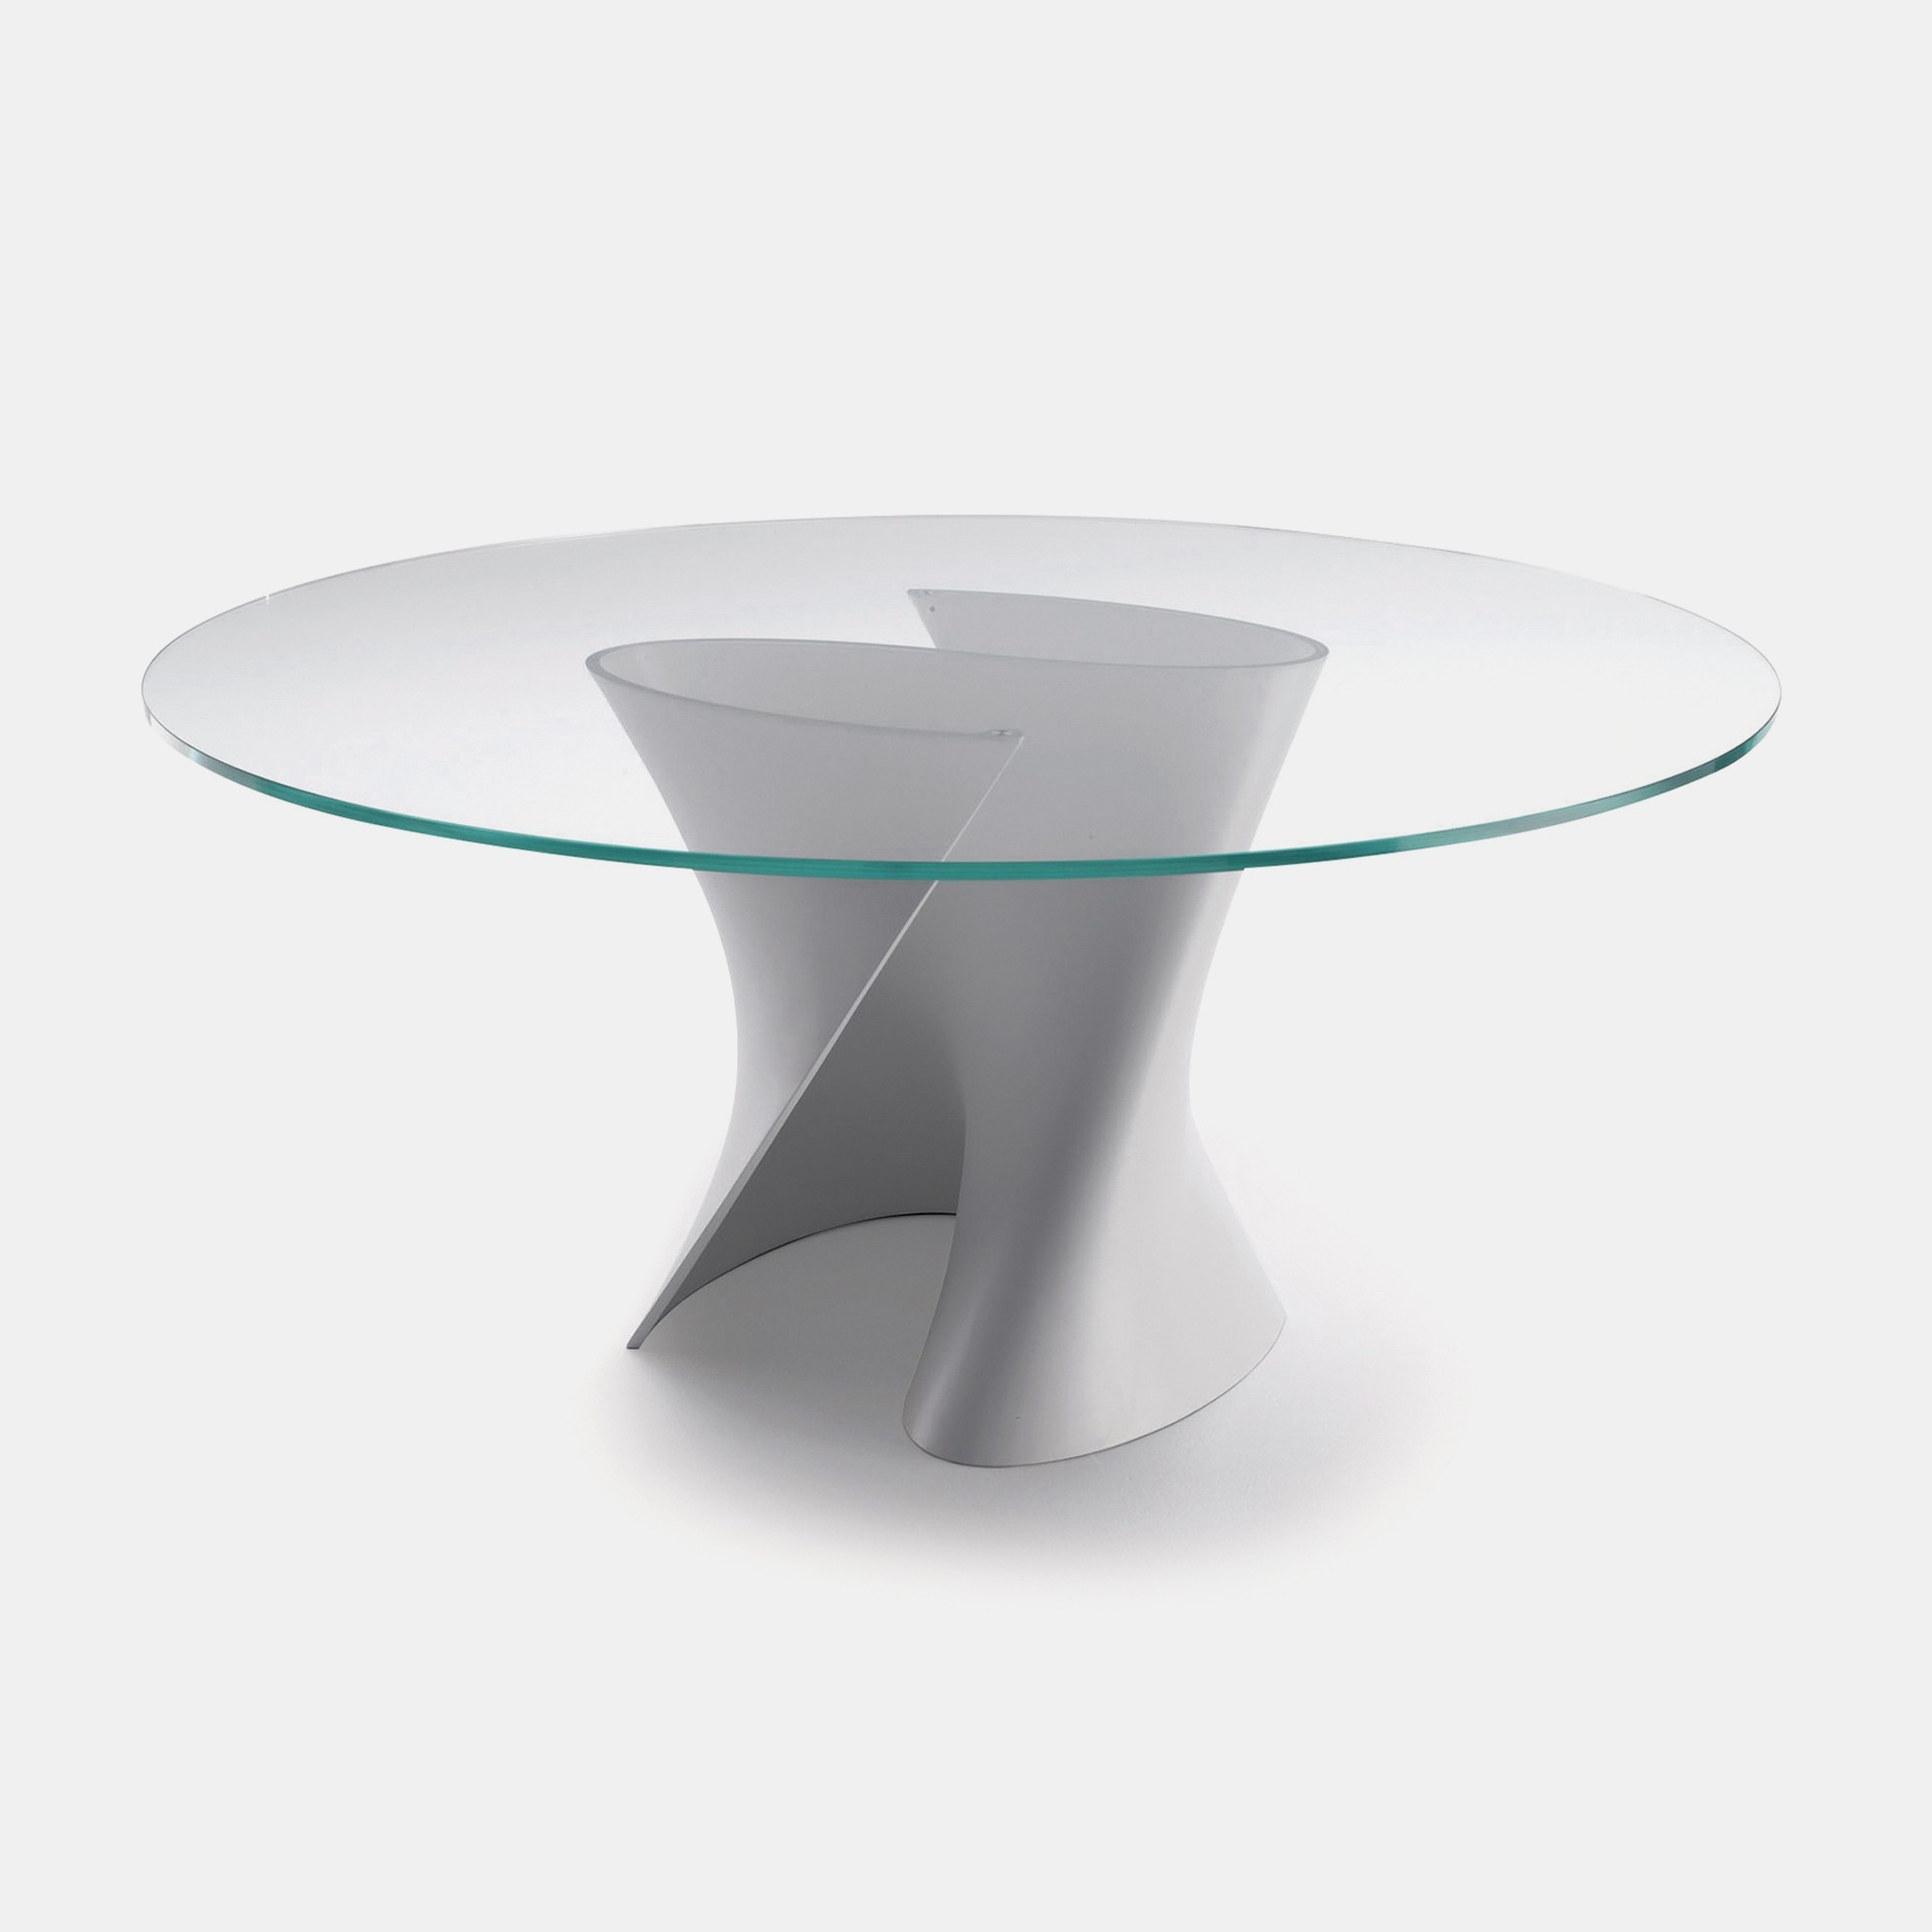 Tavoli Rotondi In Cristallo Design.S Table Tavoli Rotondi E Ovali Dal Design Morbido Mdf Italia